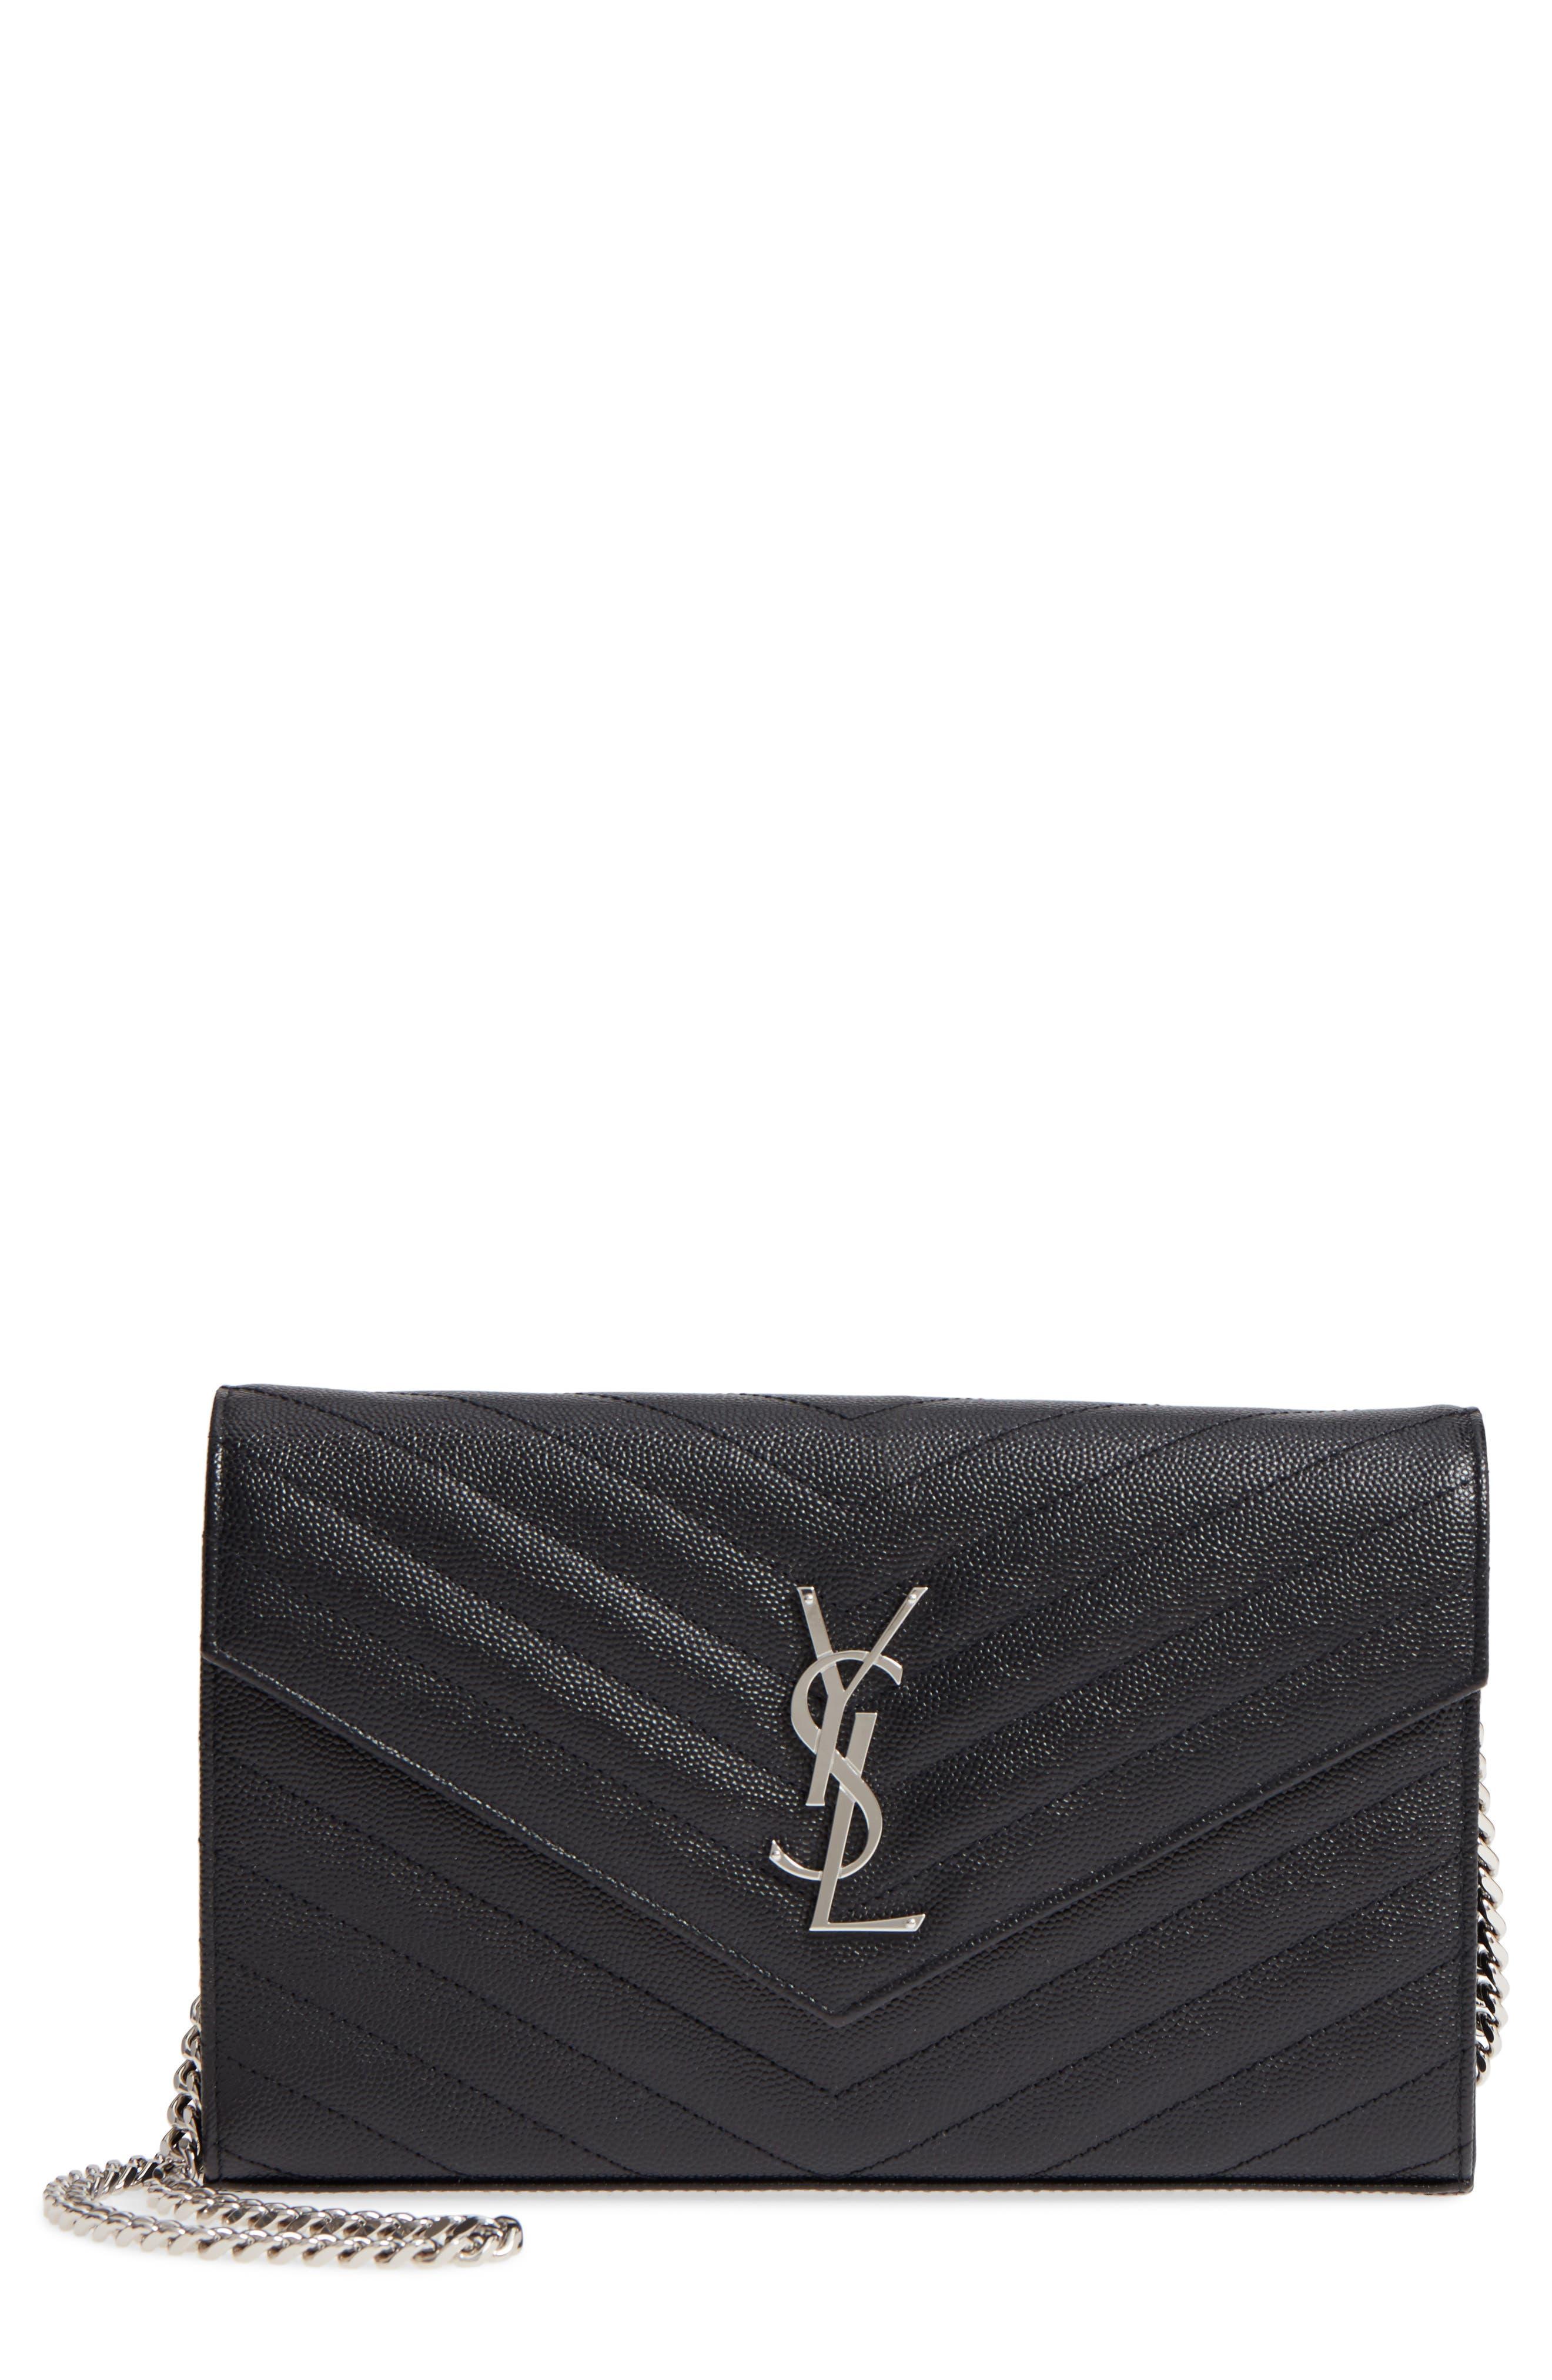 SAINT LAURENT 'Monogram' Wallet on a Chain, Main, color, NOIR